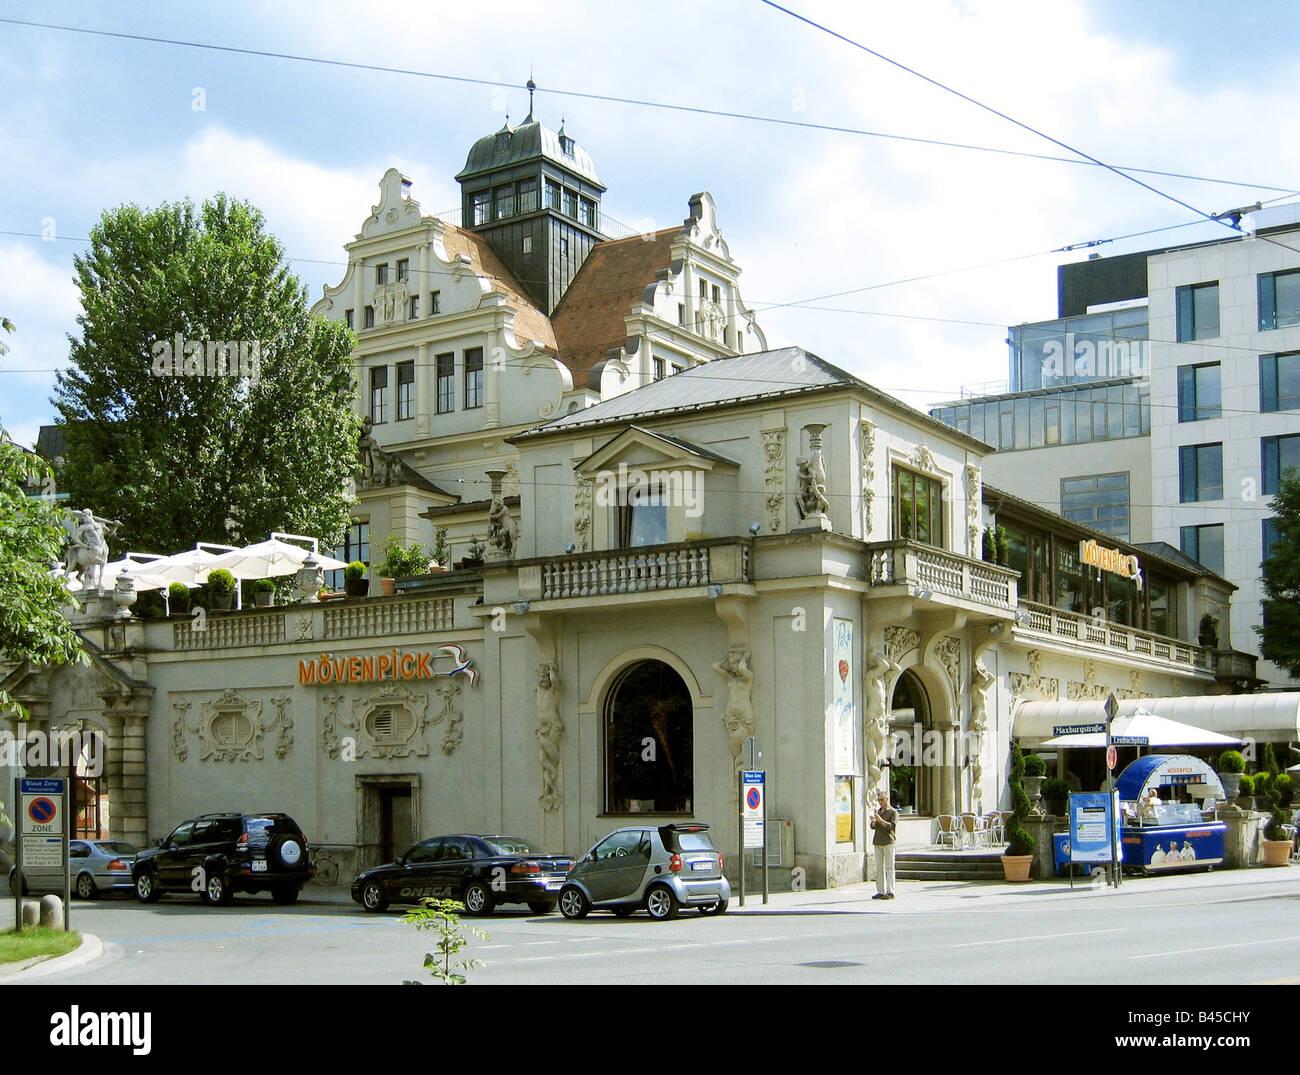 geography / travel, Germany, Bavaria, Munich, buildings, architecture,  Künstlerhaus, Kuenstlerhaus, artist - Stock Image